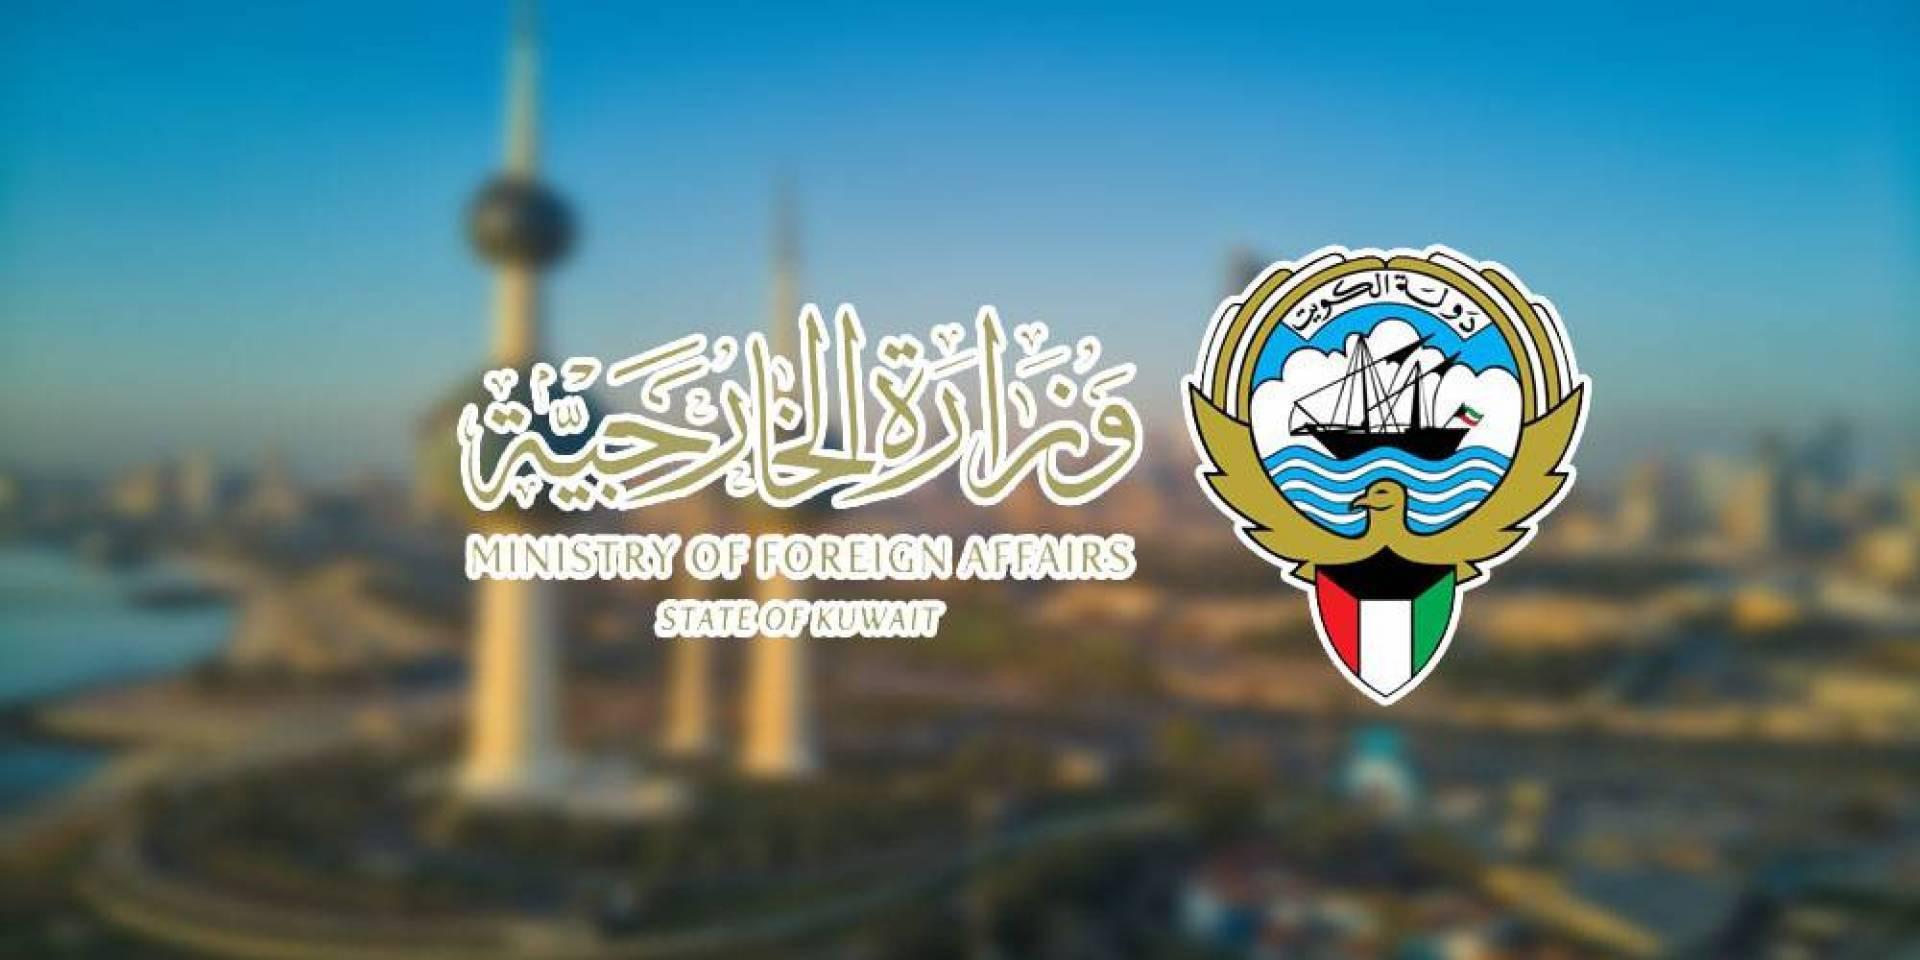 الكويت تدين الهجمات ضد السعودية: الحوثيون يواصلون ارتكاب جرائمهم الإرهابية